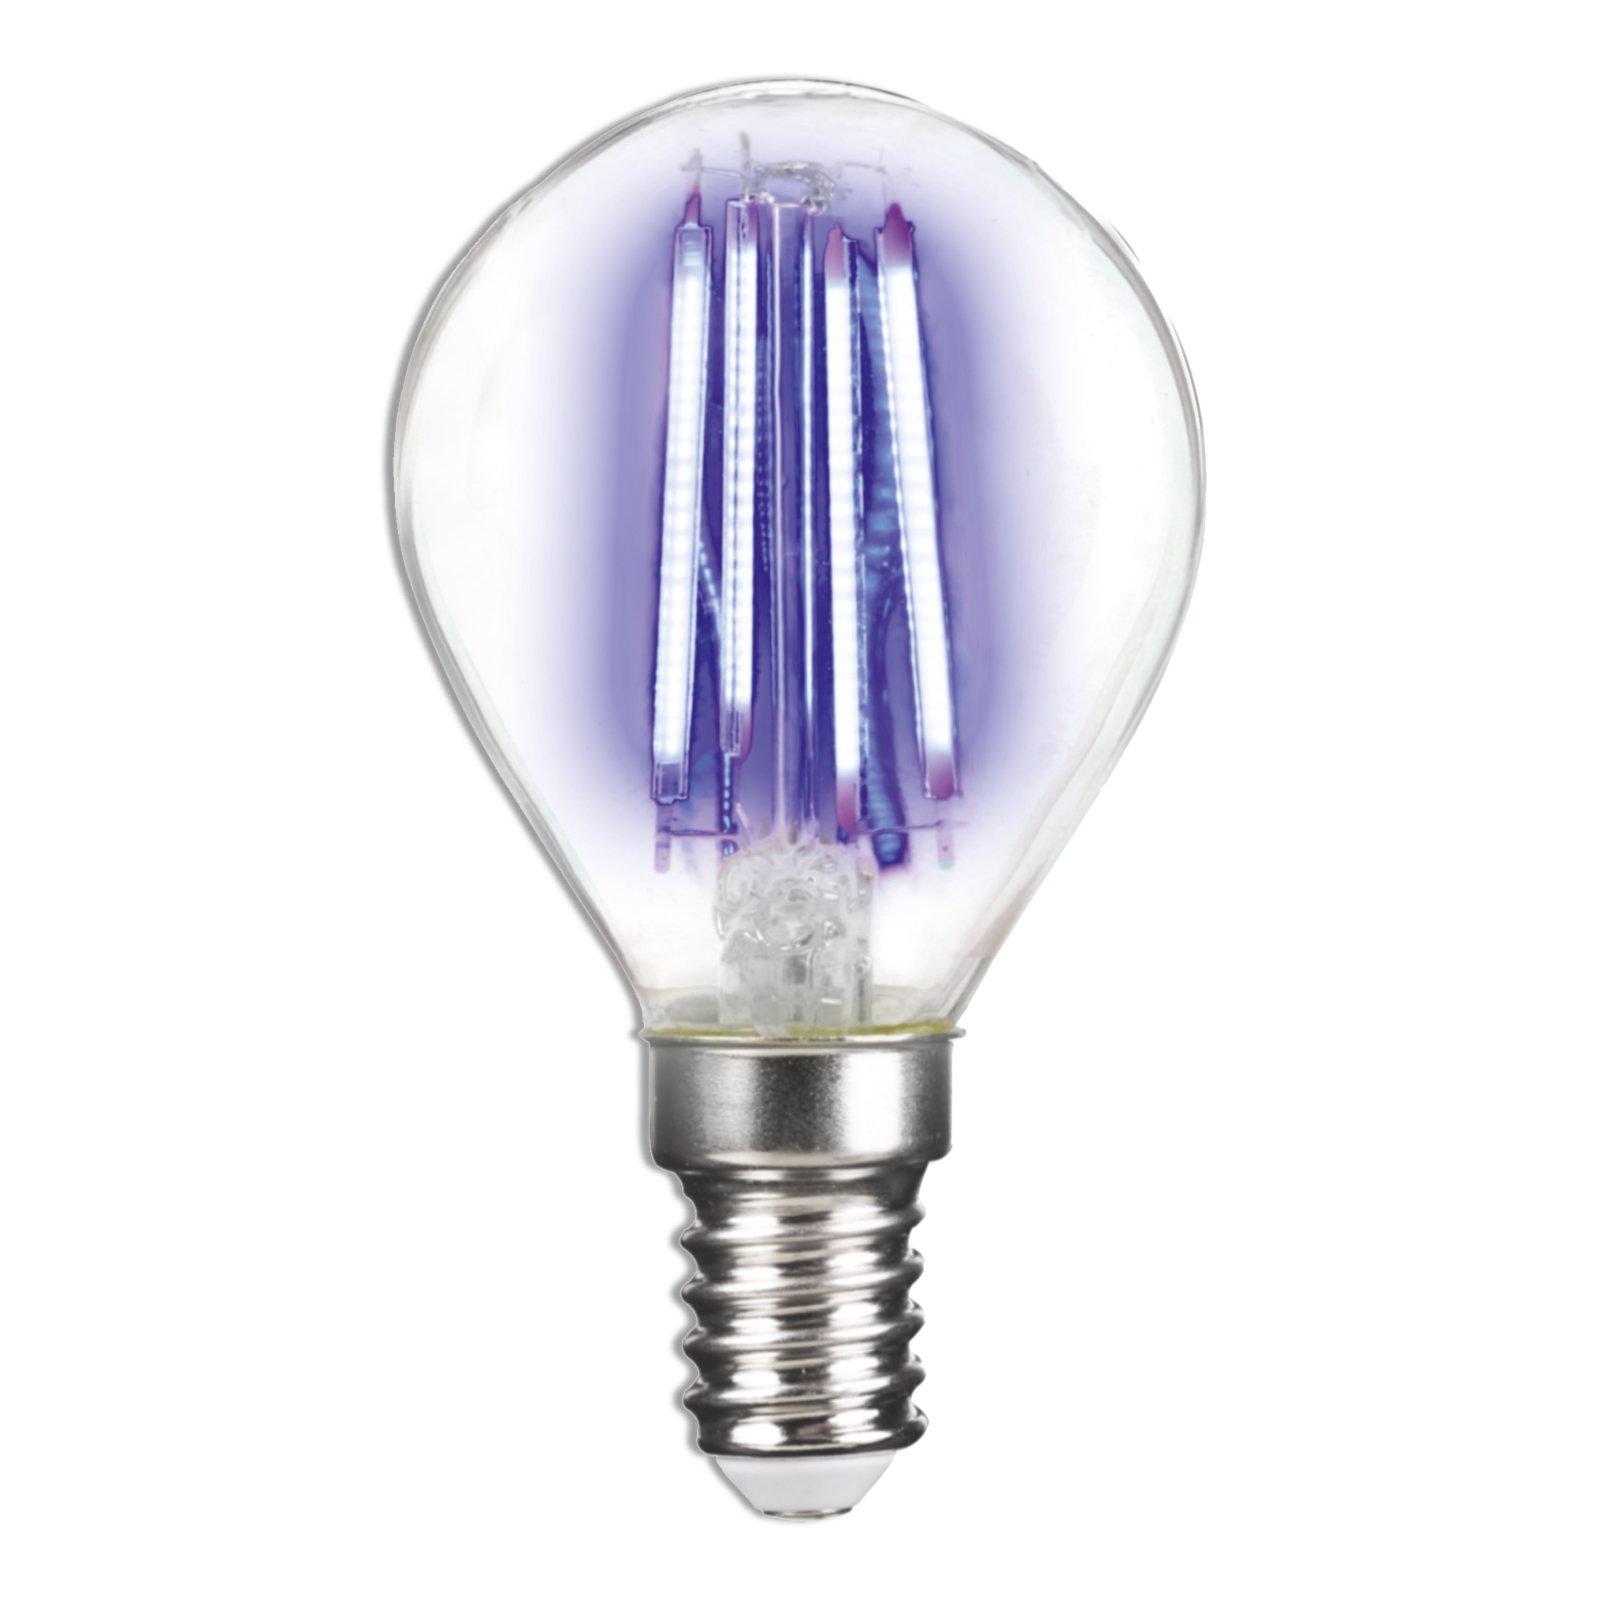 LED-Leuchtmittel LIGHTME - blau - E14 - 4 Watt